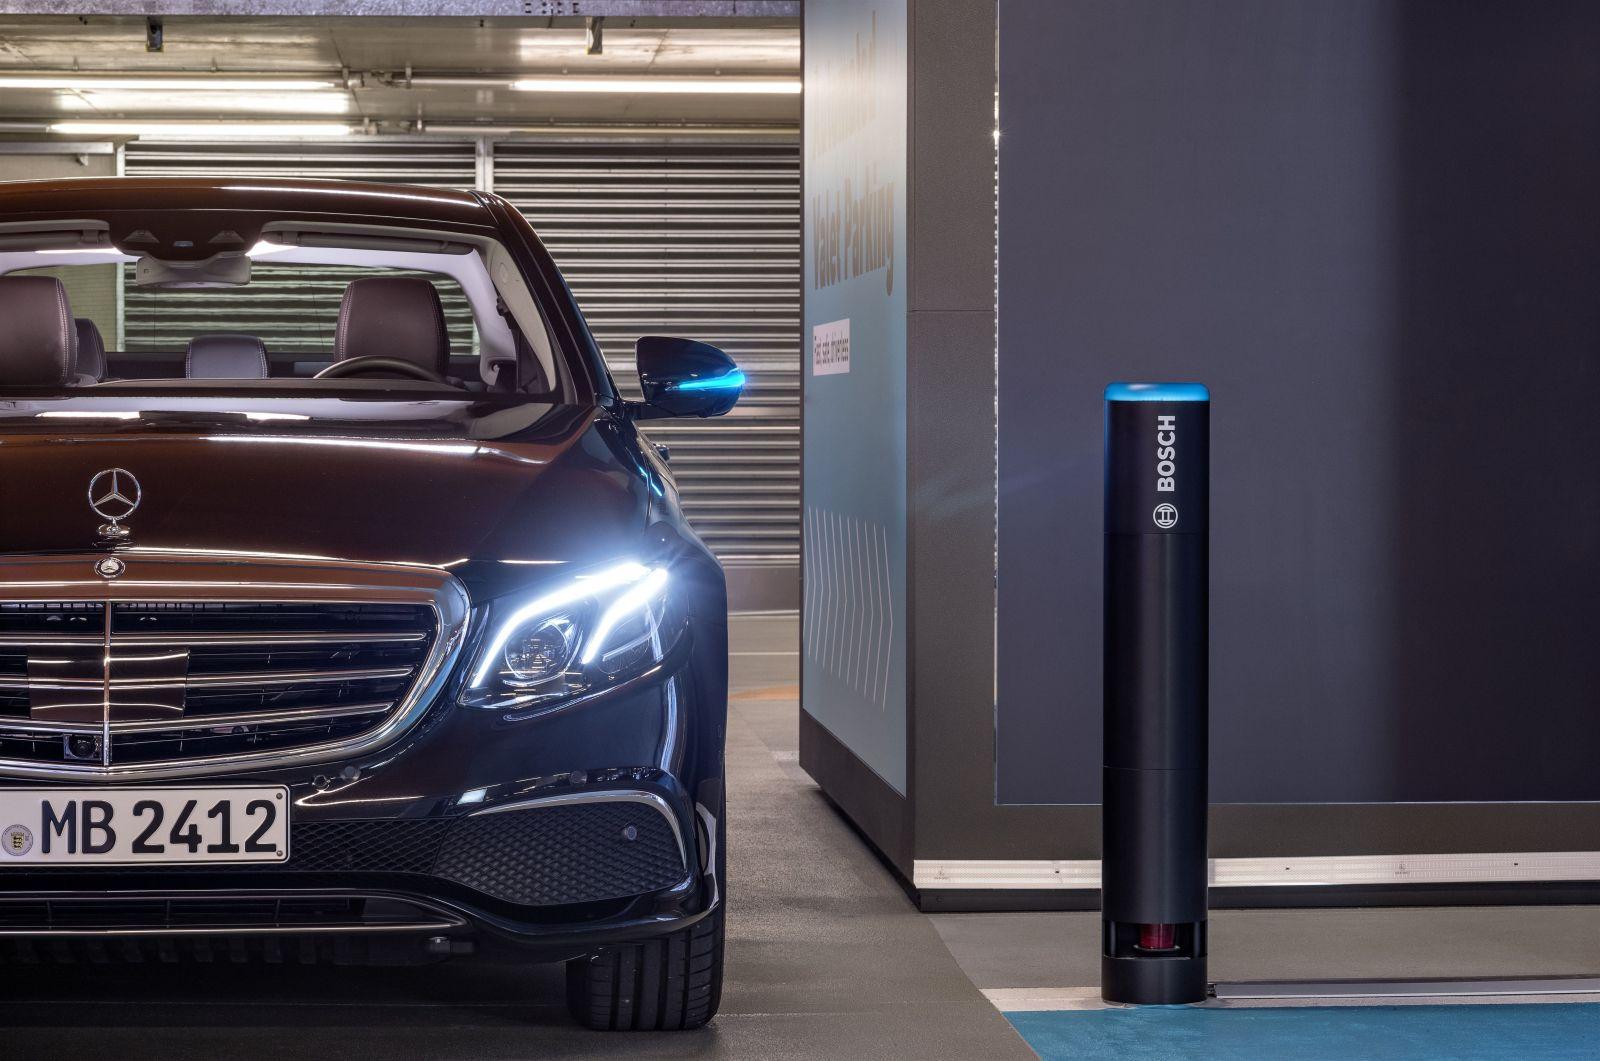 Parkovanie ako v bondovke? Vďaka prvej úradne povolenej plne automatizovanej funkcii áno